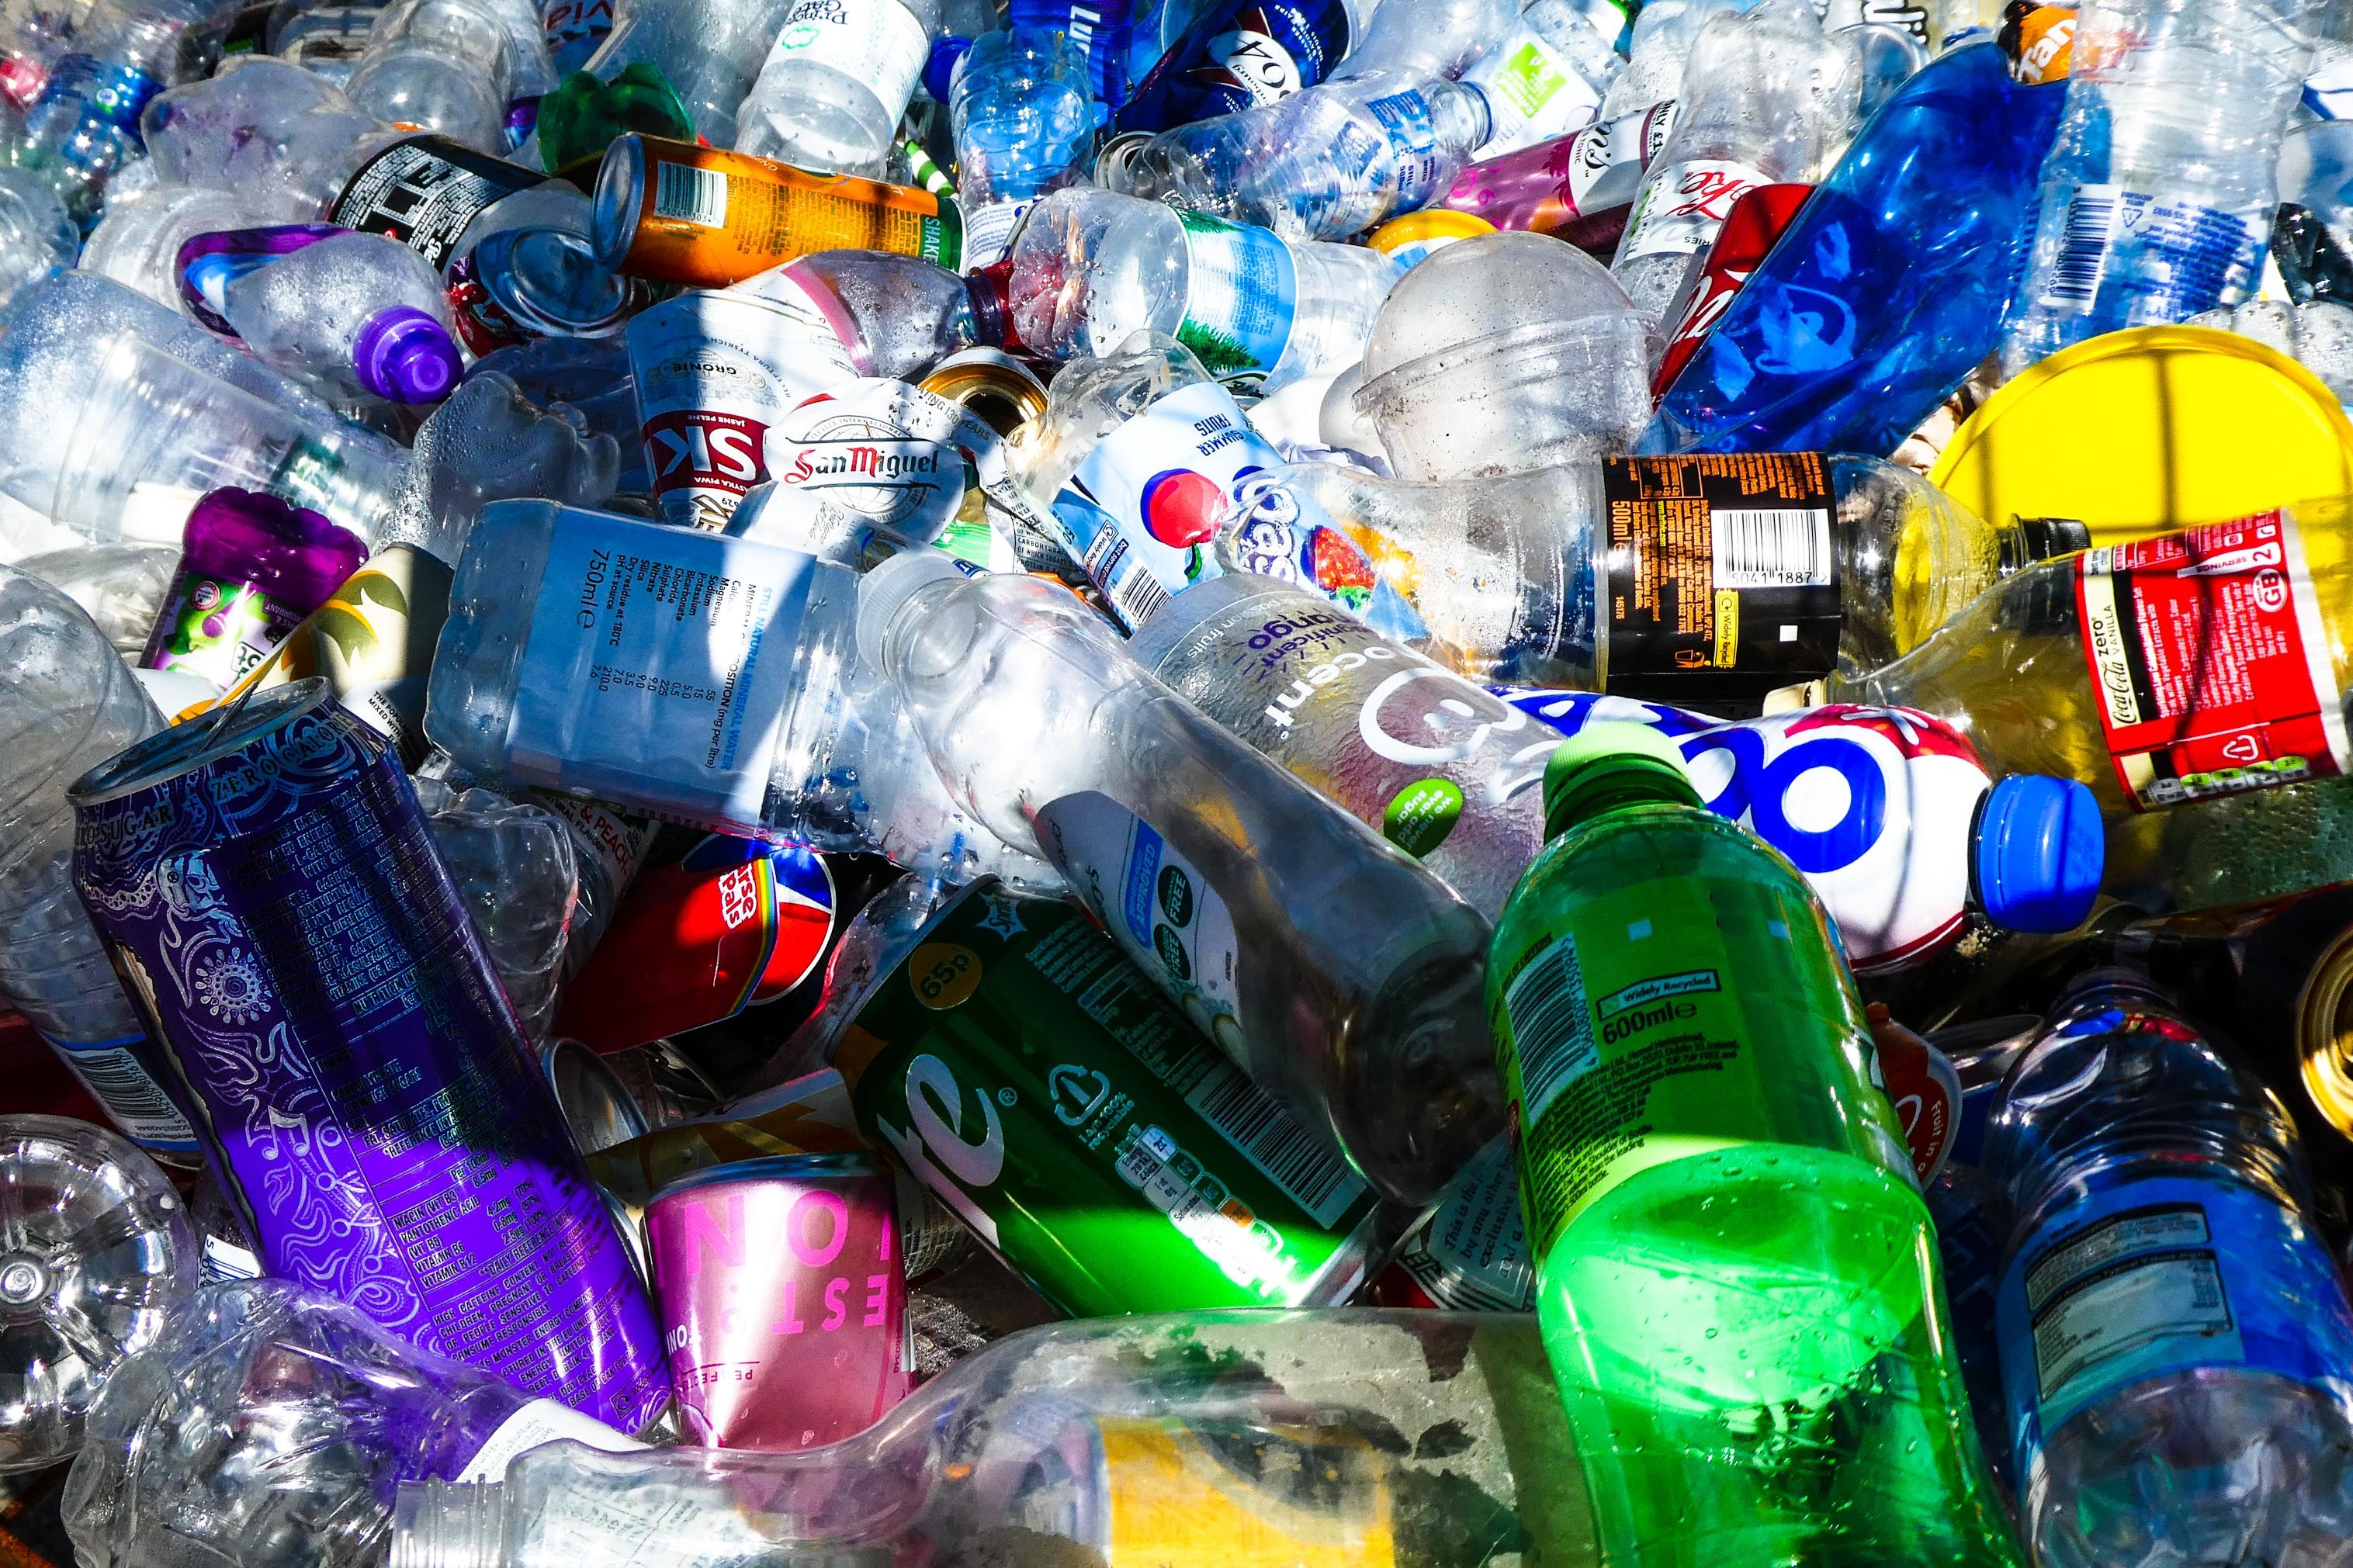 Reciclagem do plástico, um drama da nossa geração